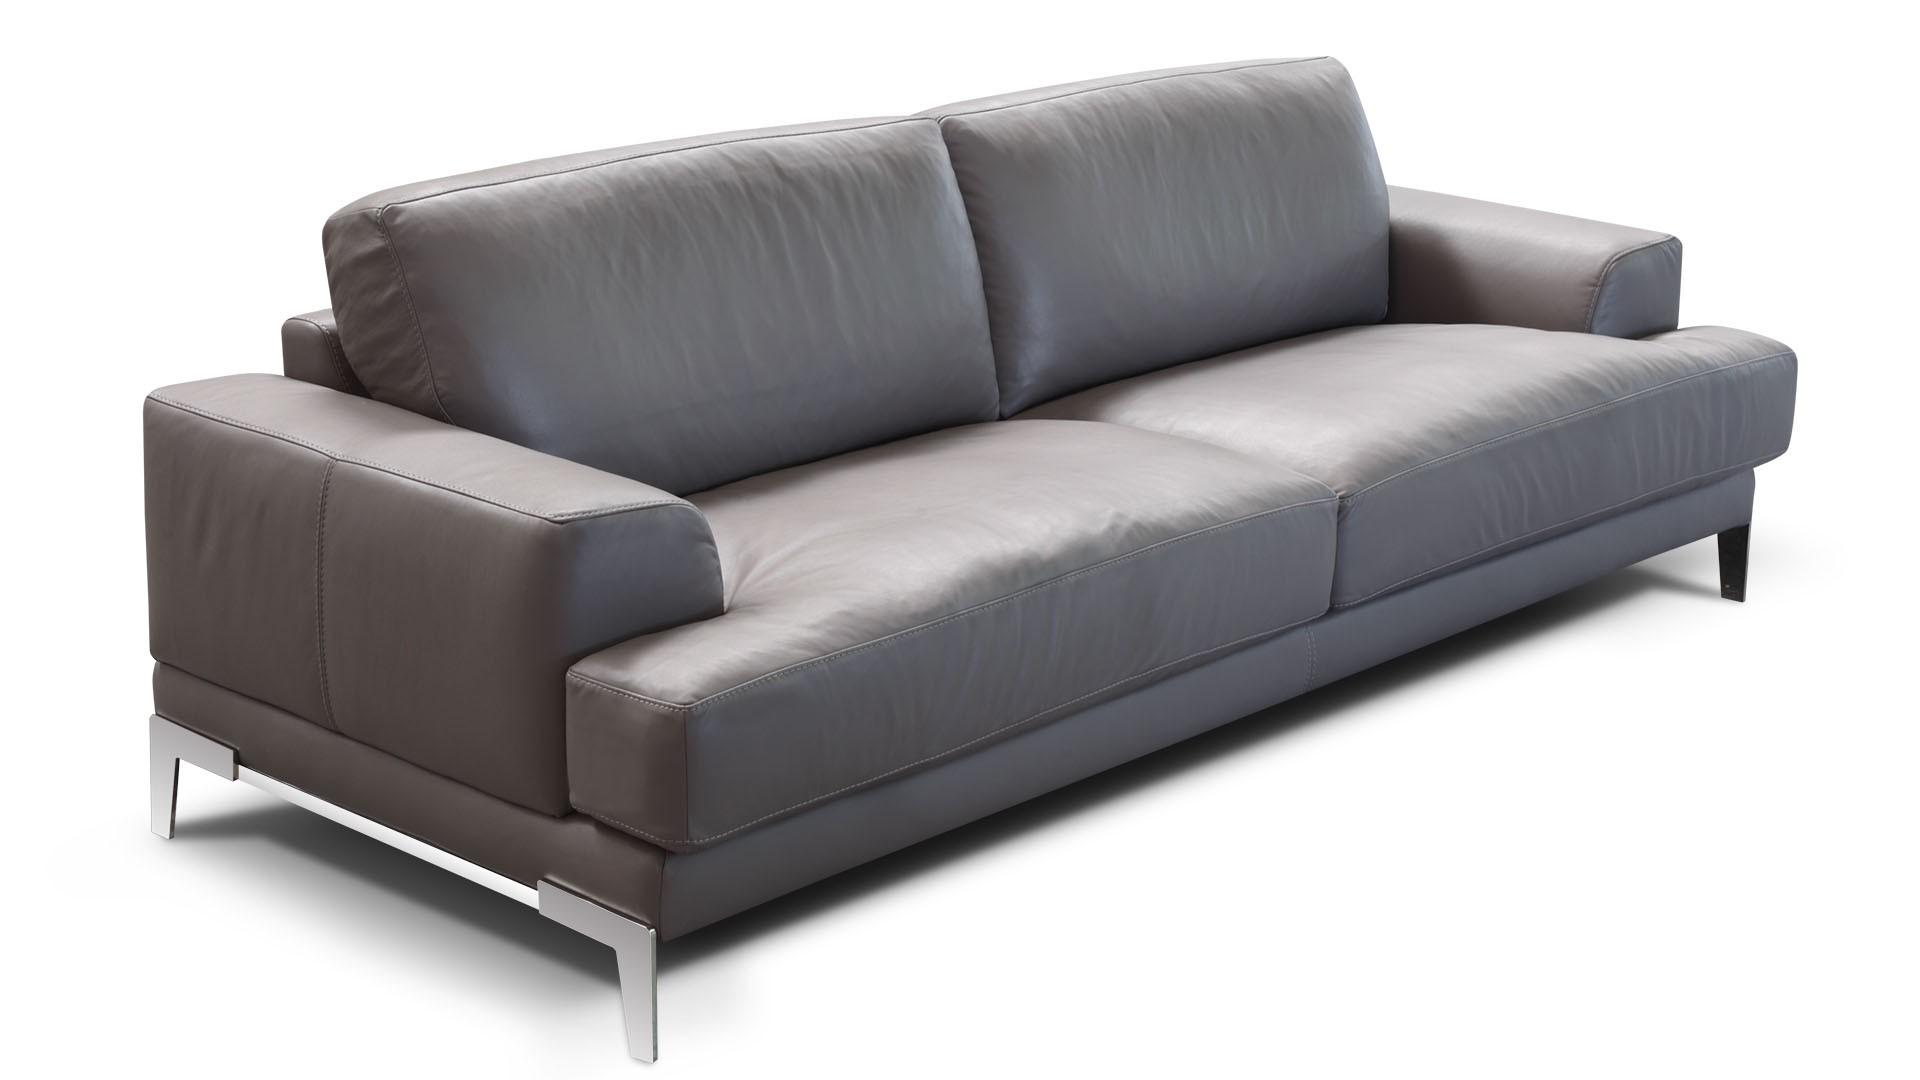 хуже капри диван ульяновская фабрика мебели фото этот